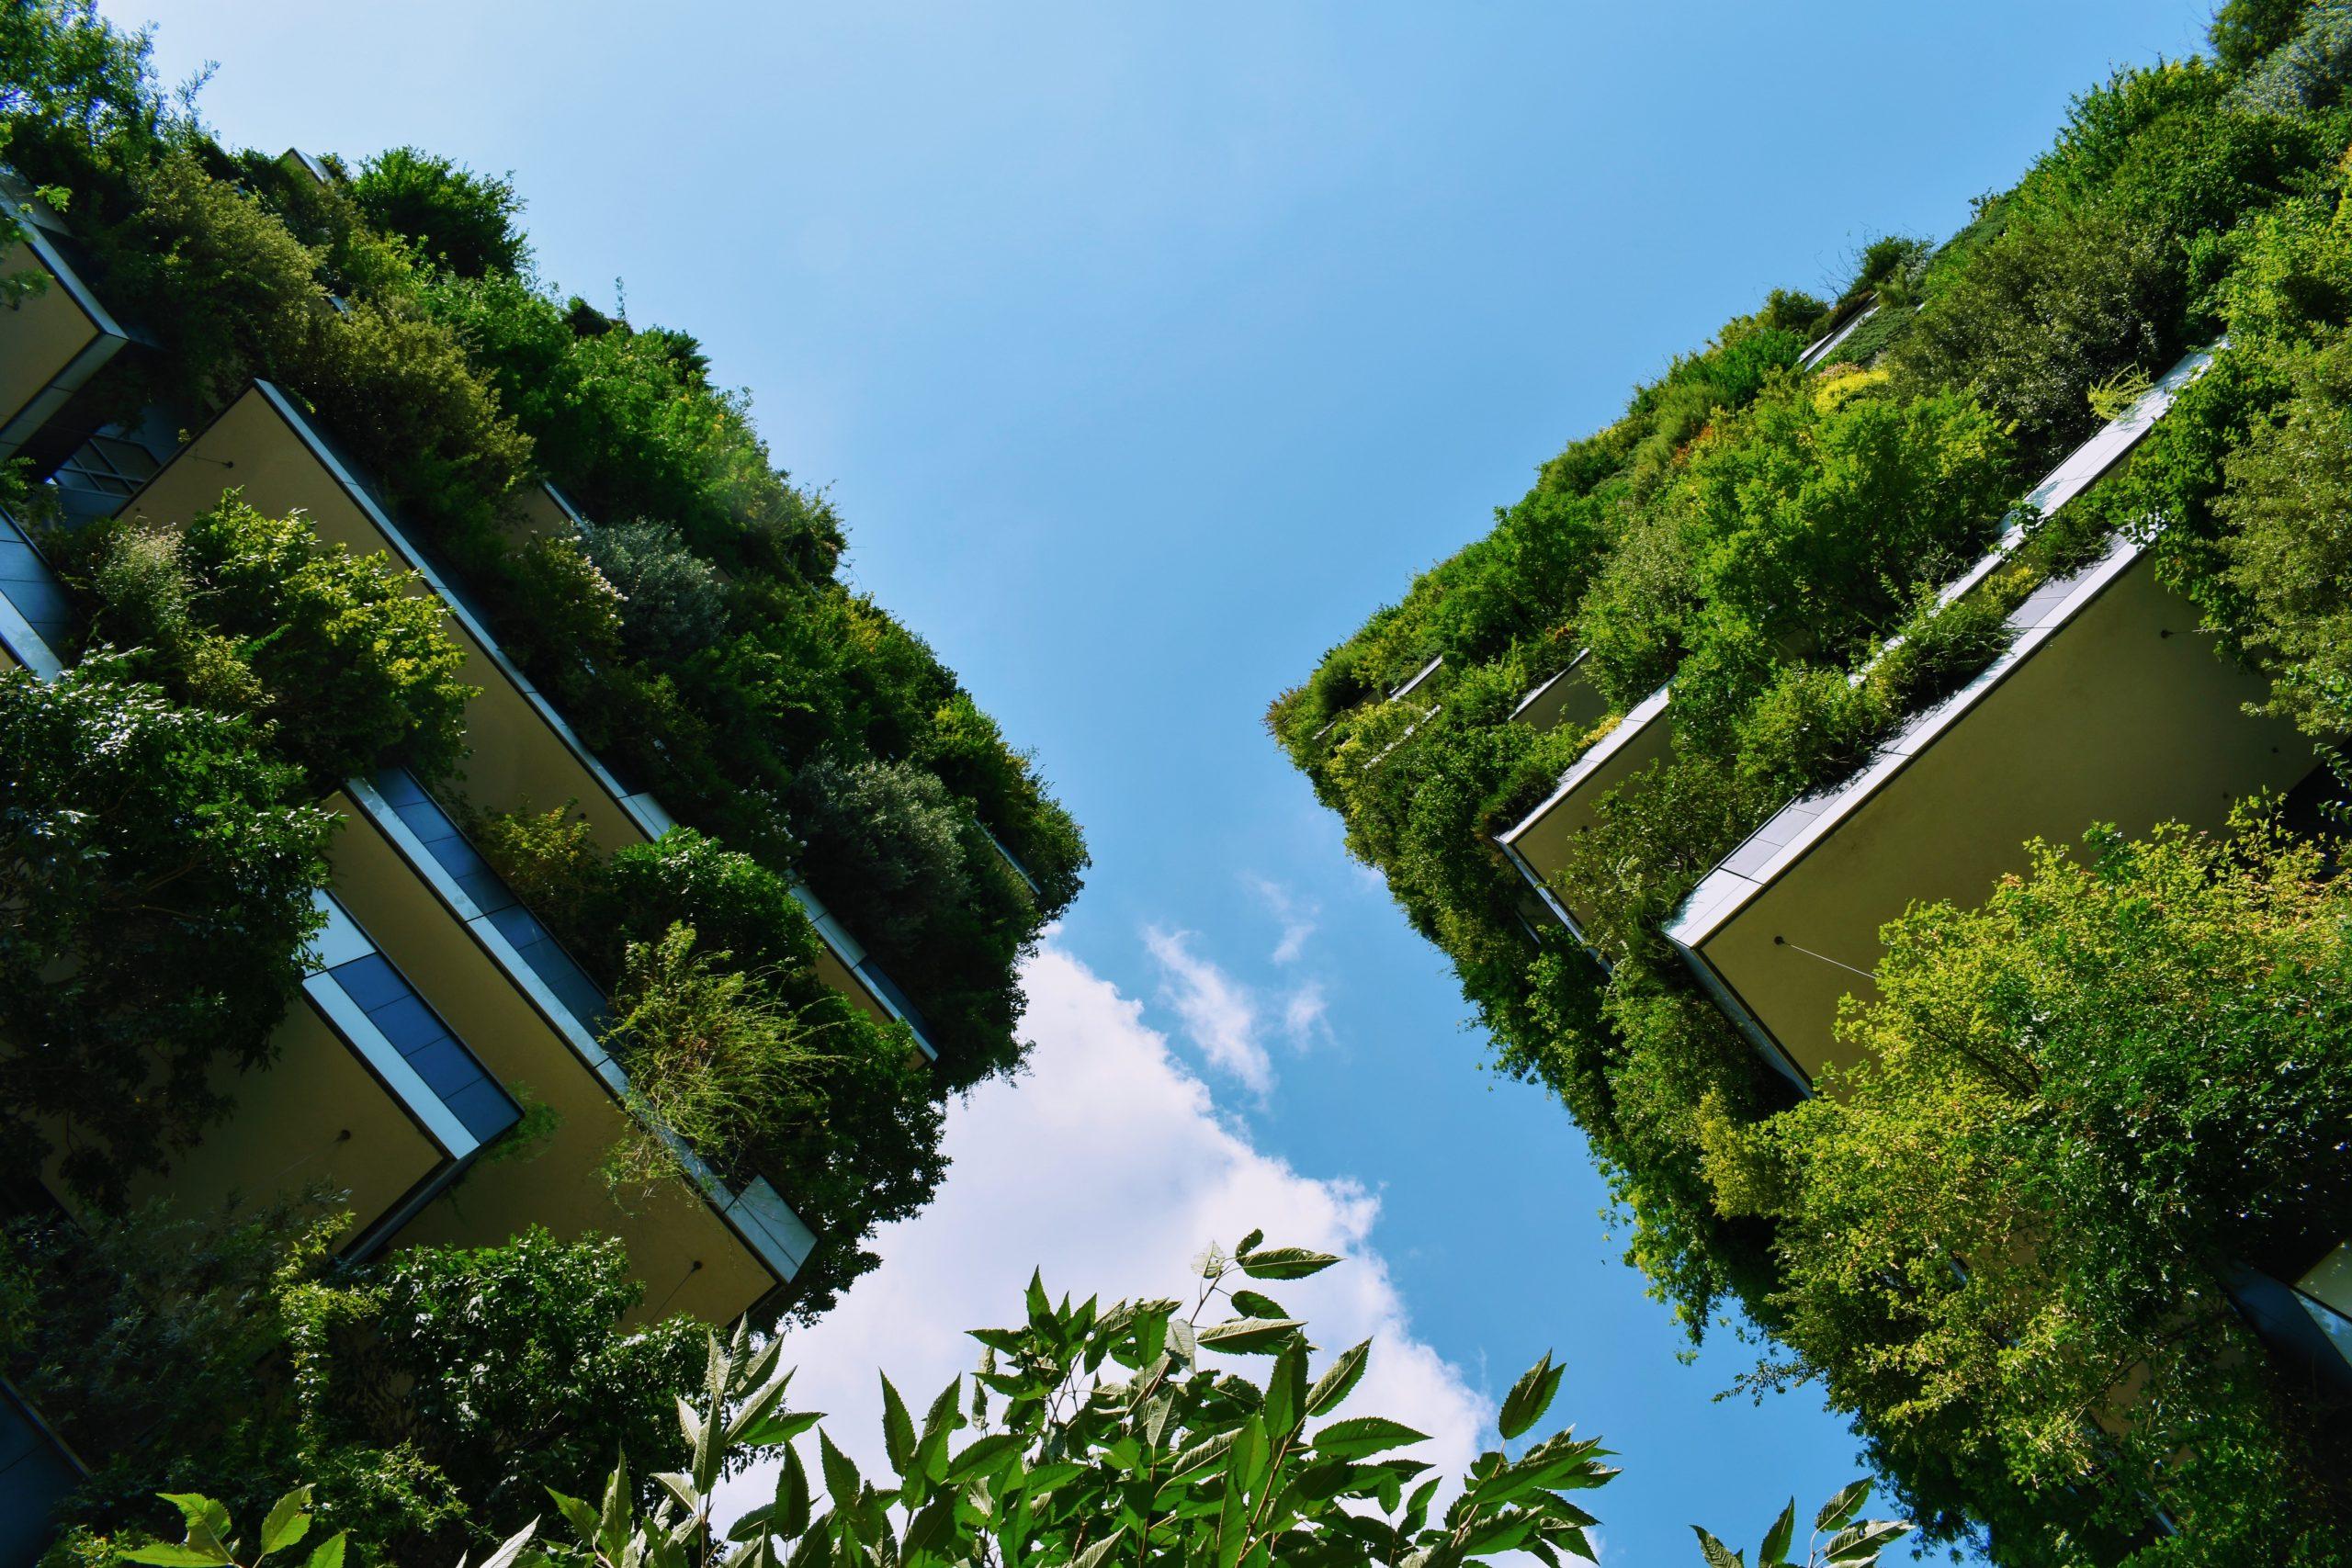 La végétalisation des bâtiments, un pas en avant dans l'exemplarité des pouvoirs publics